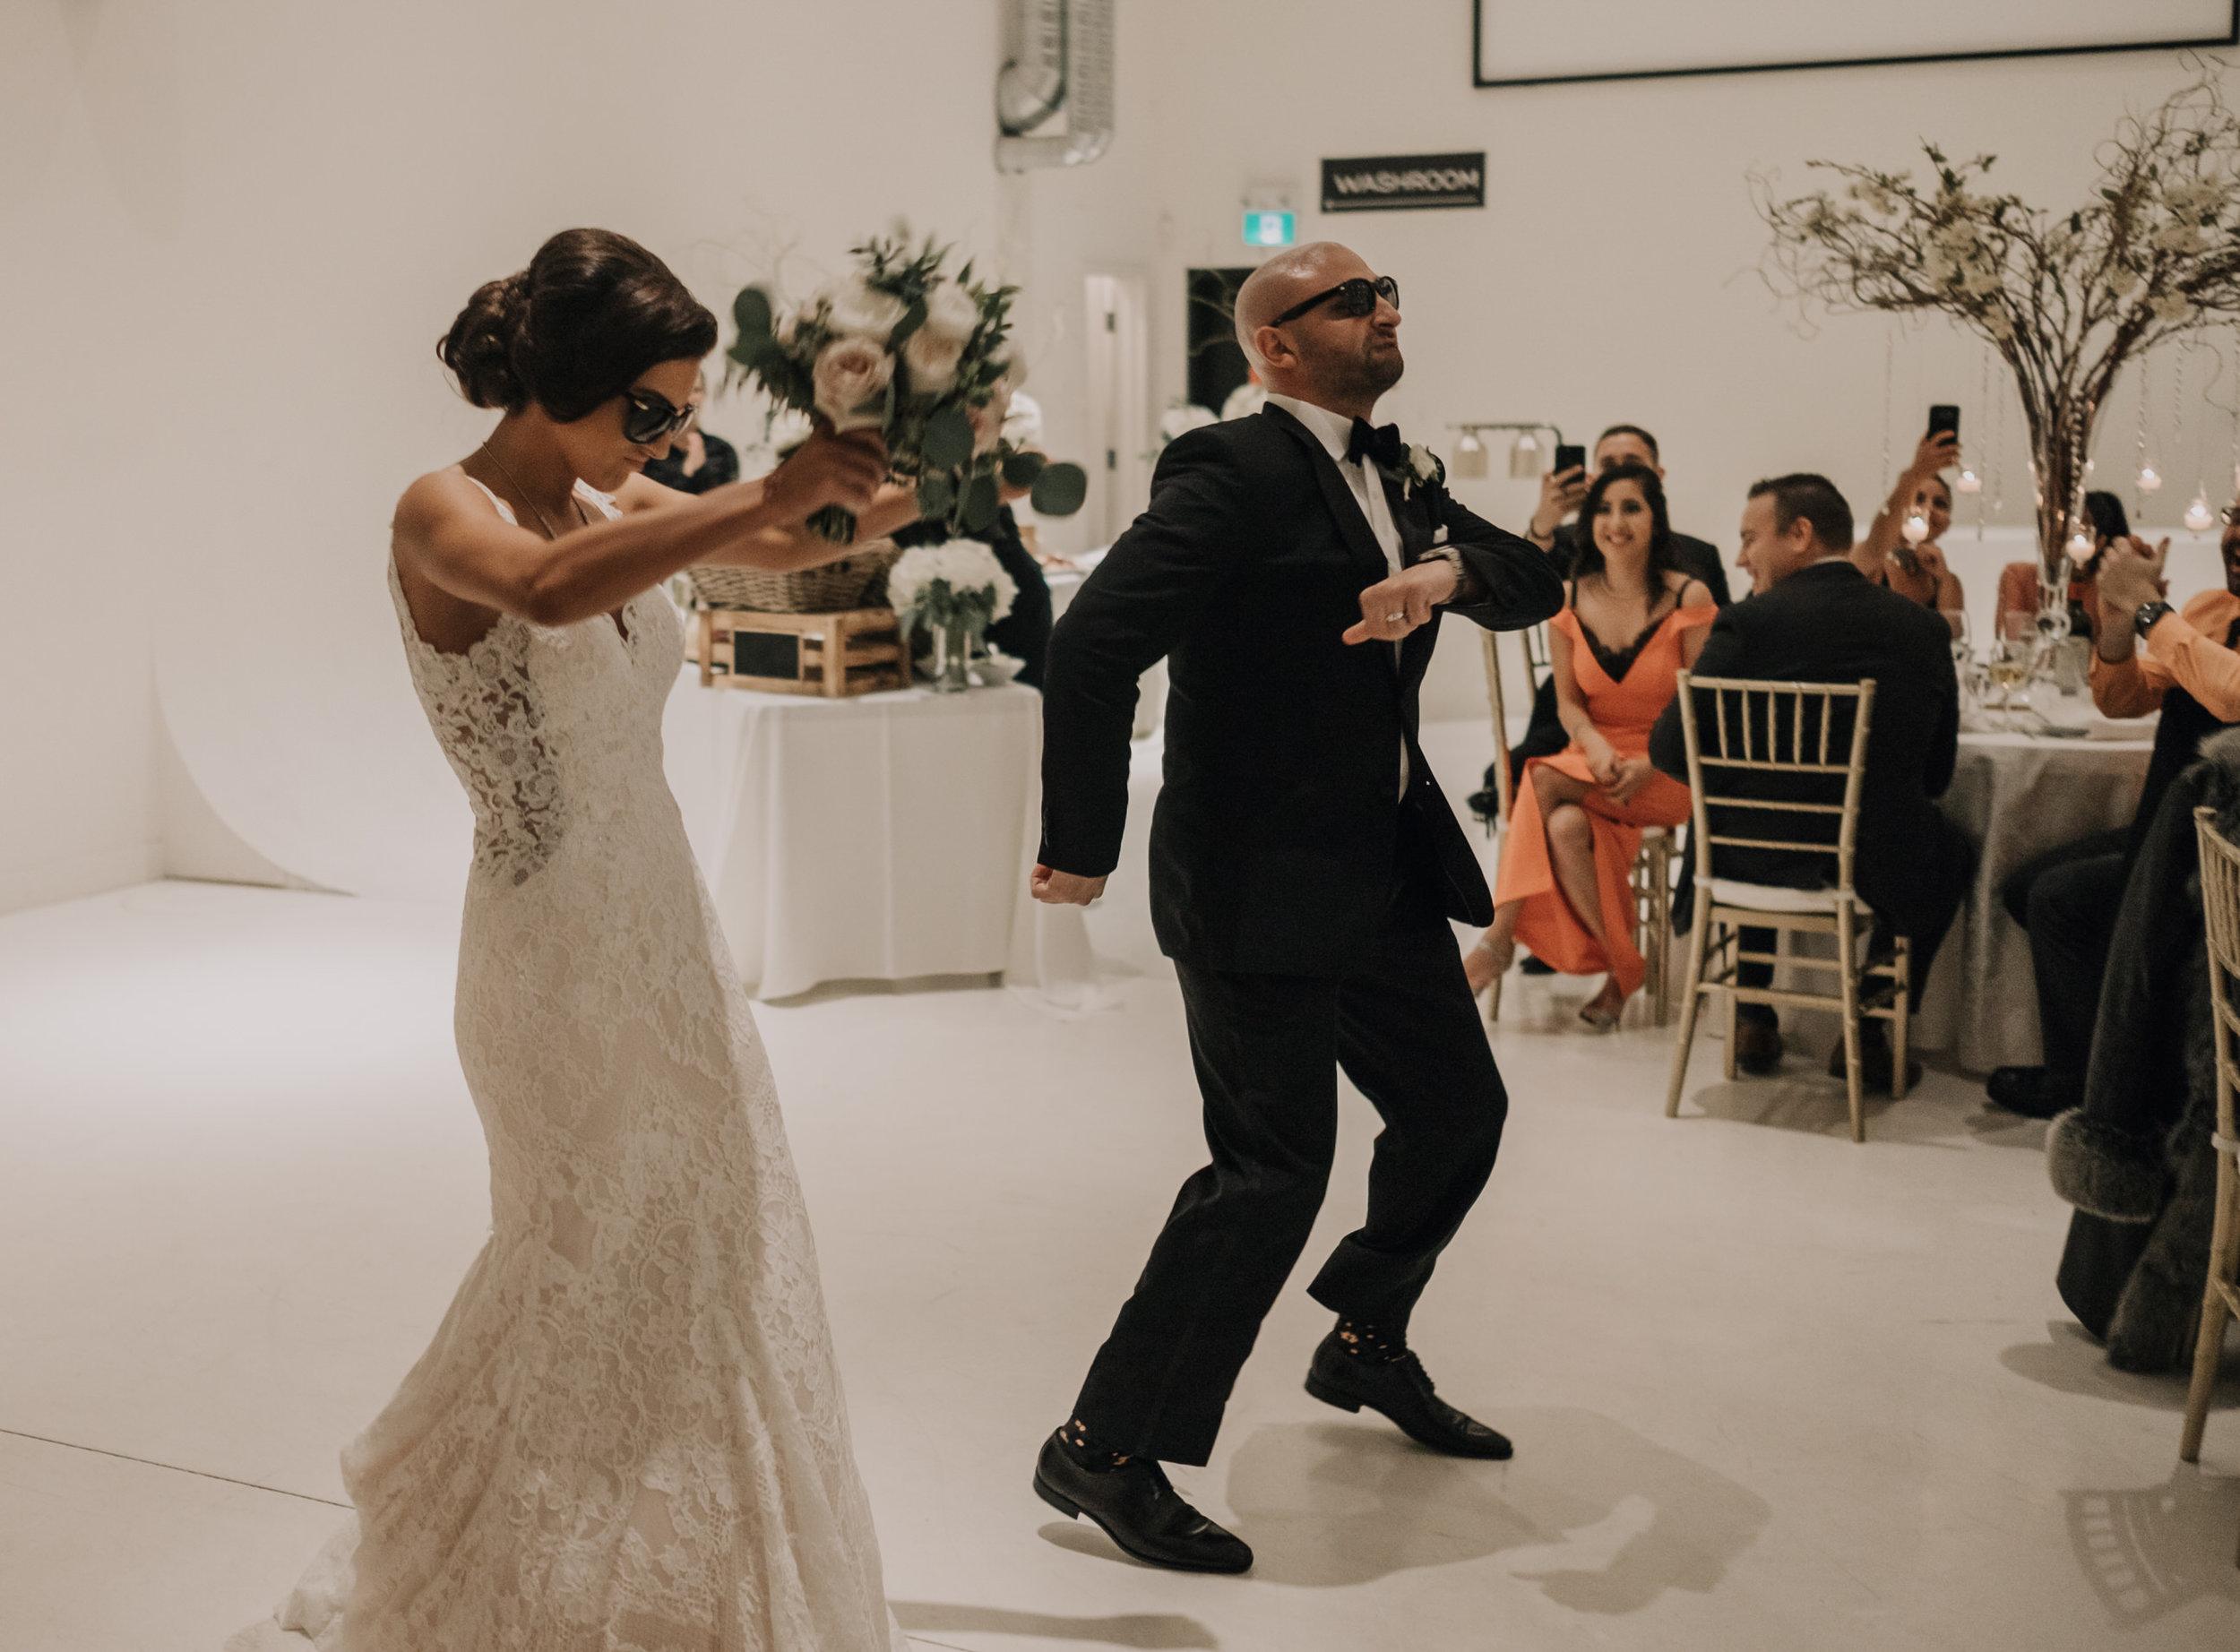 Pitt Meadows Wedding Photographer - Sky Hangar Wedding Photos - Vancouver Wedding Photographer & Videographer - Sunshine Coast Wedding Photos - Sunshine Coast Wedding Photographer - Jennifer Picard Photography - DSCF0599.jpg